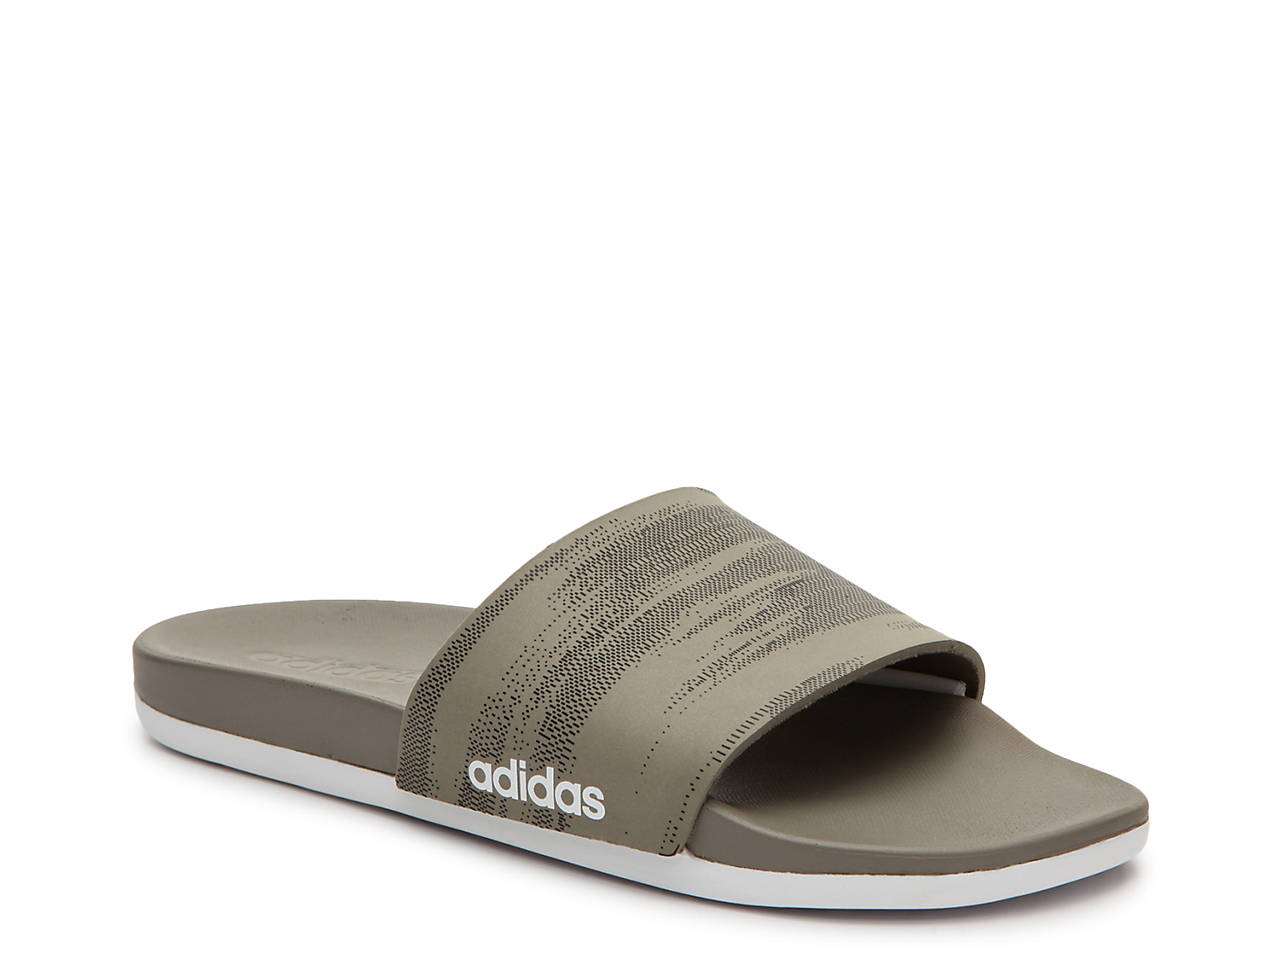 adidas Adilette CF+ Link Slide Sandal - Men s Men s Shoes  a1758d904